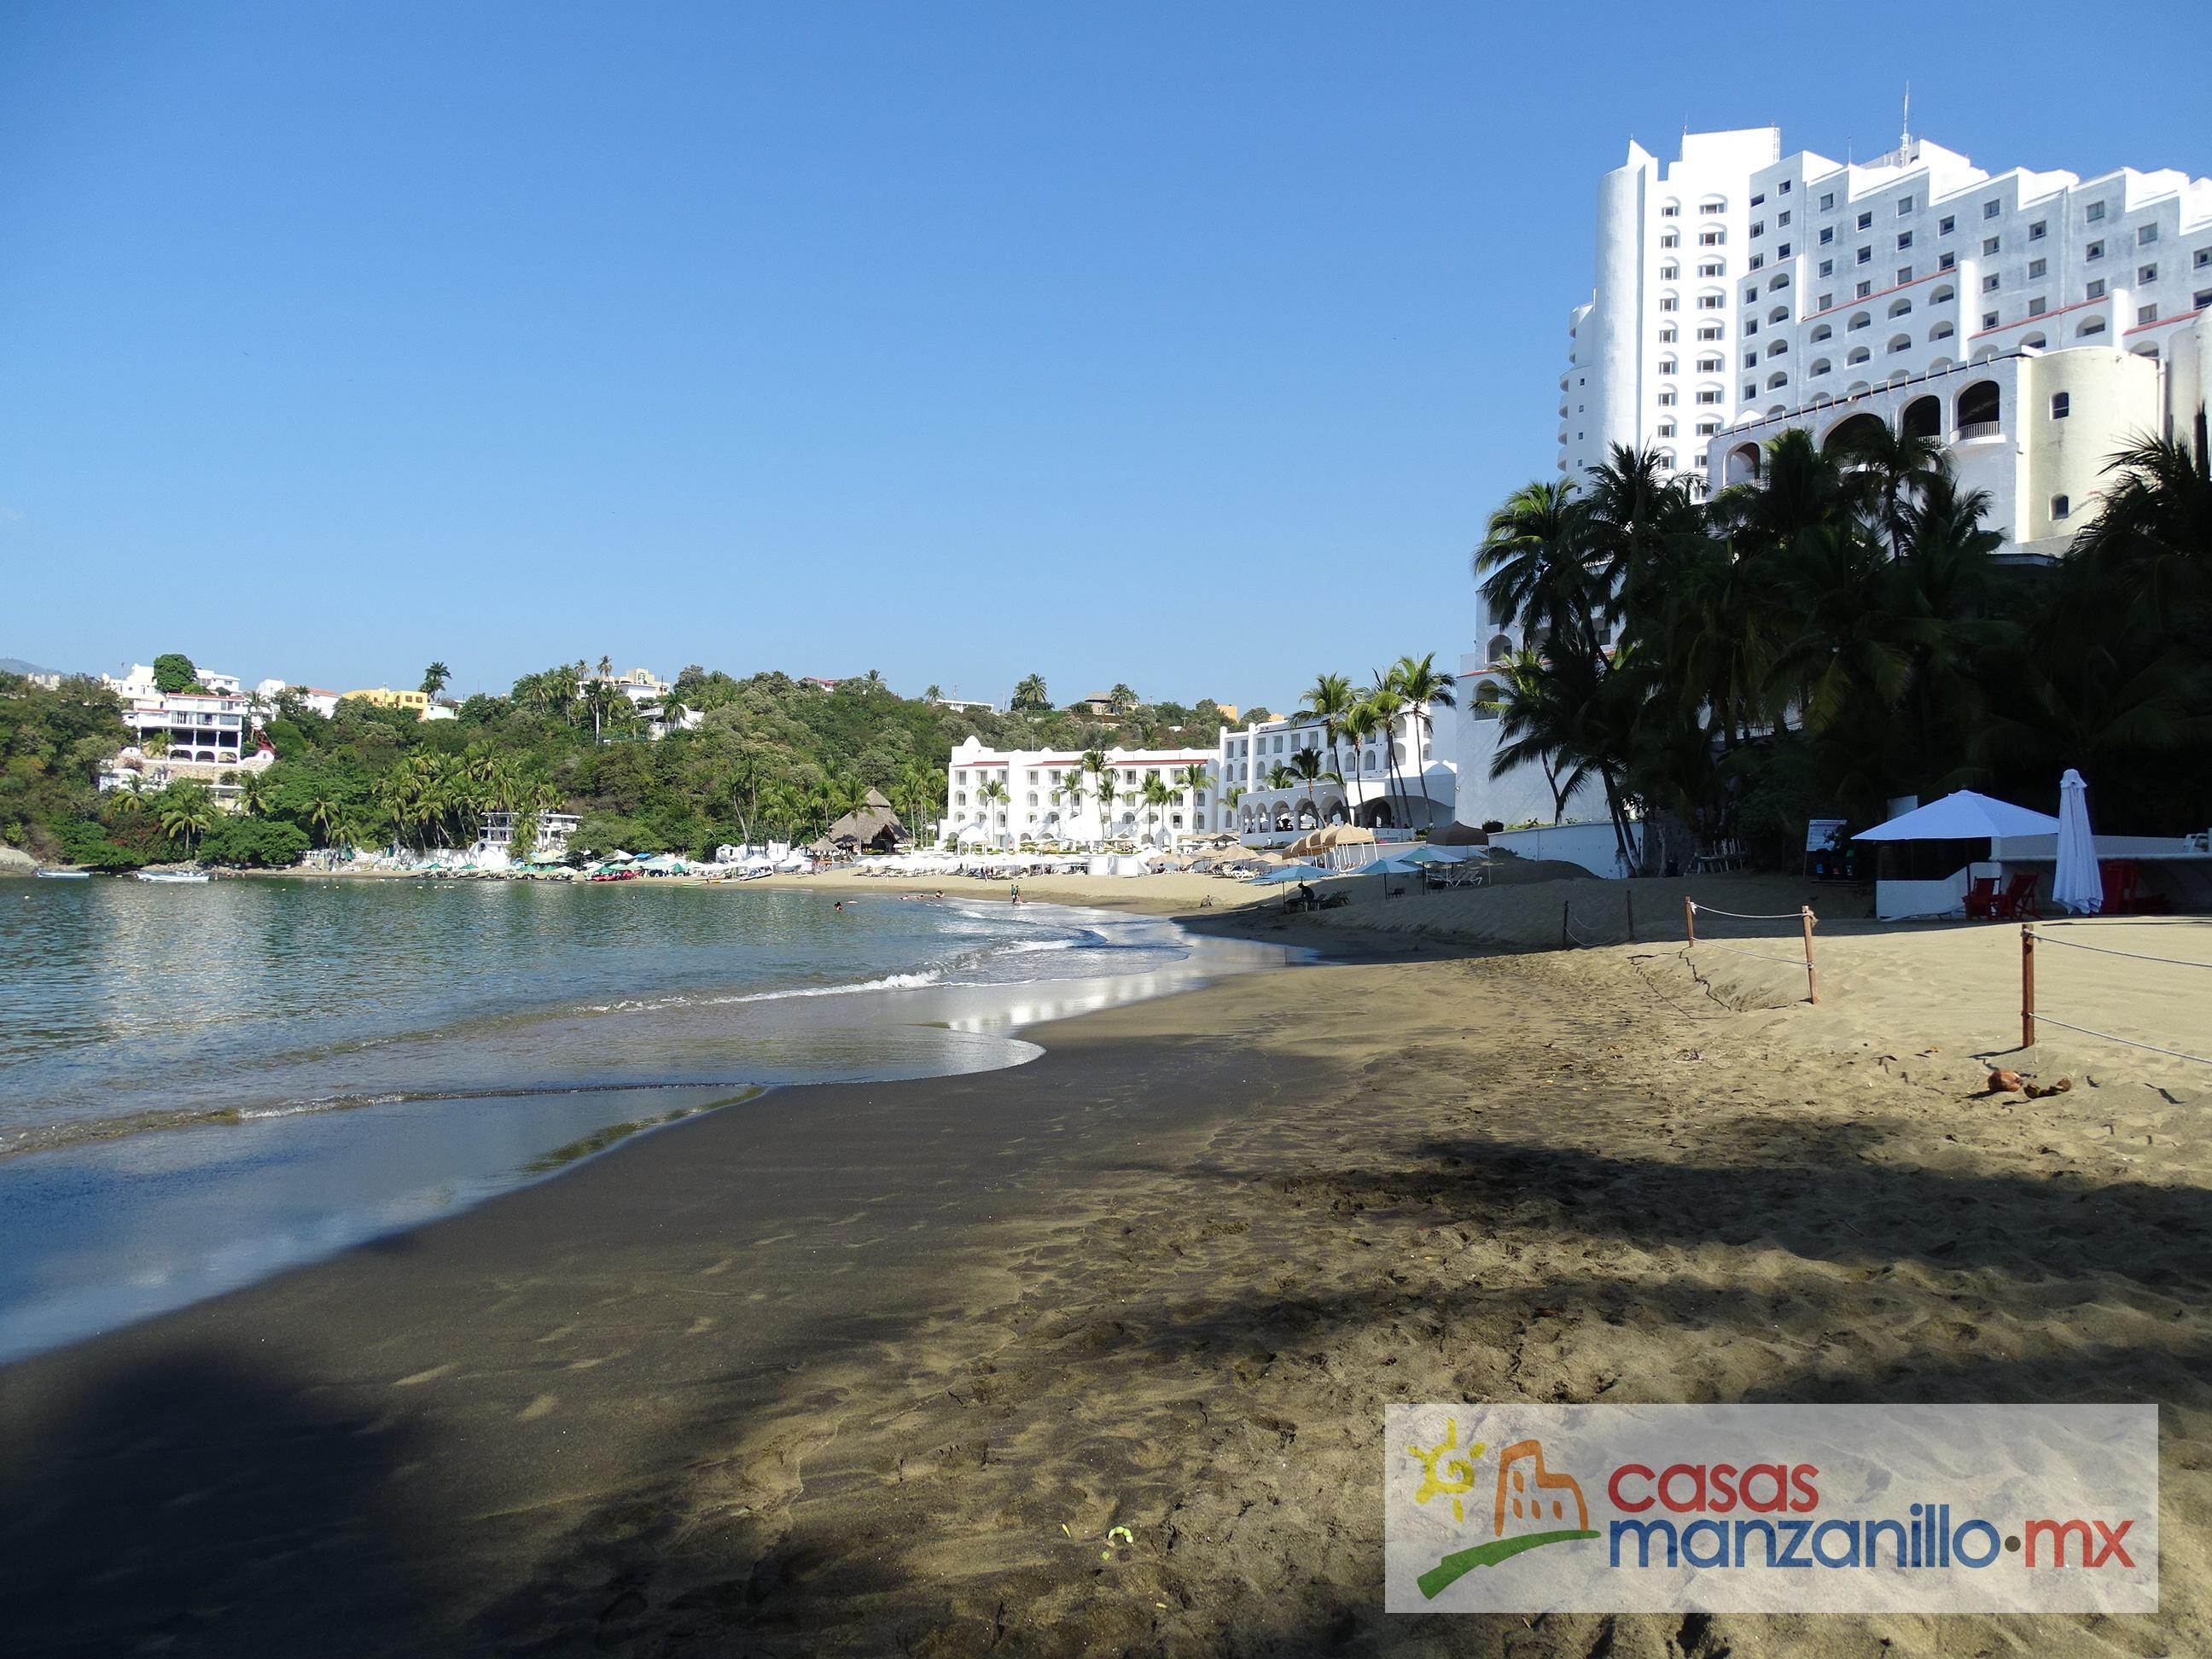 Condominio Galapagos Manzanillo (17)